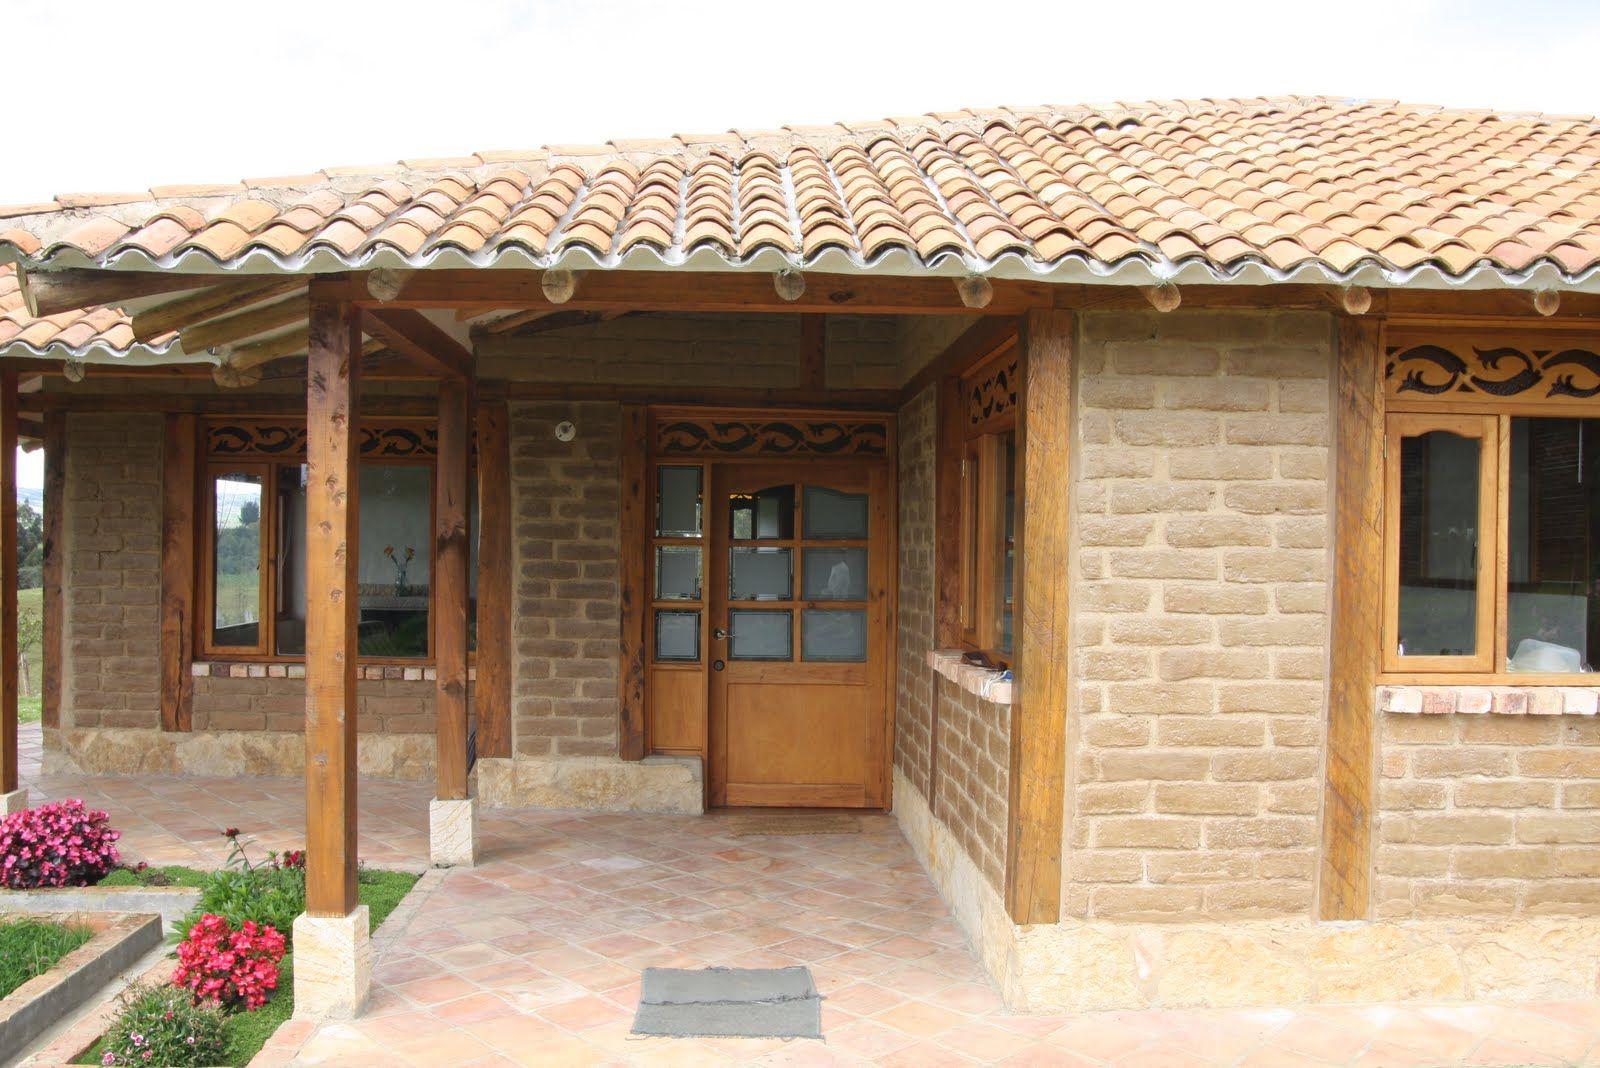 Casas de adobe buscar con google casas pinterest for Baldosas rusticas baratas